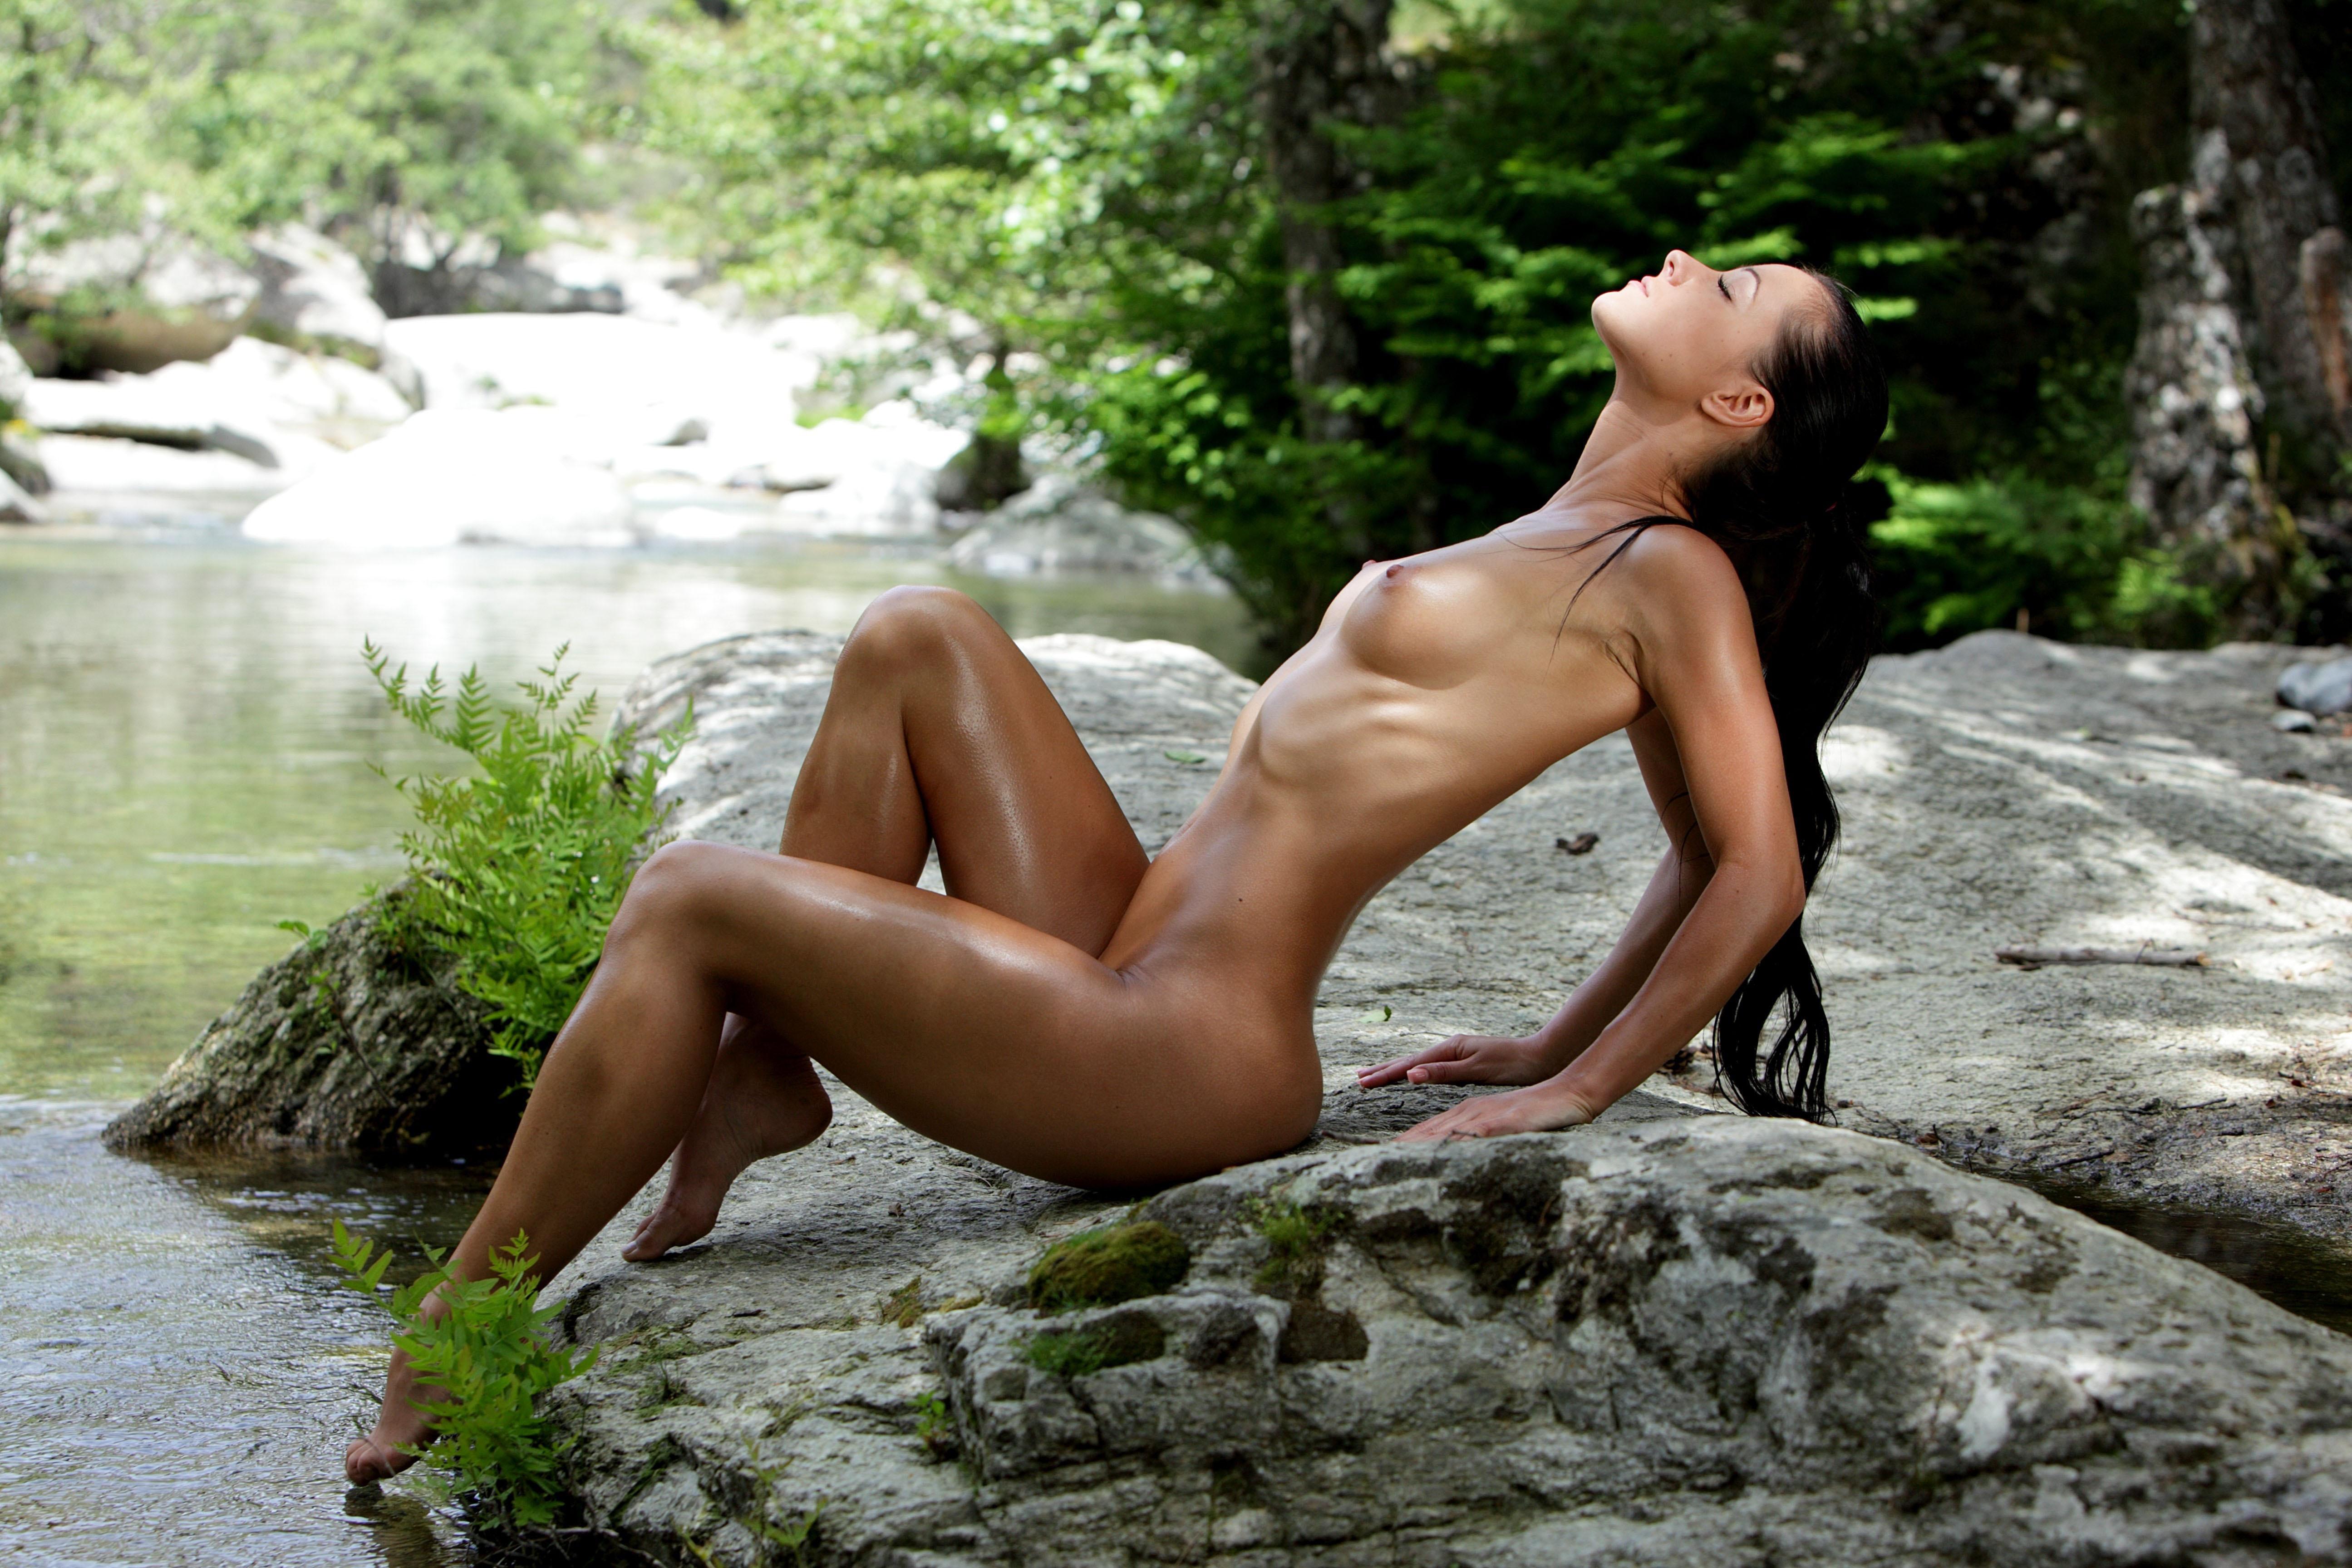 Wallpaper Melisa Mendiny, Brunette, Nude, Tits, Stream, Rocks, Oiled -2158